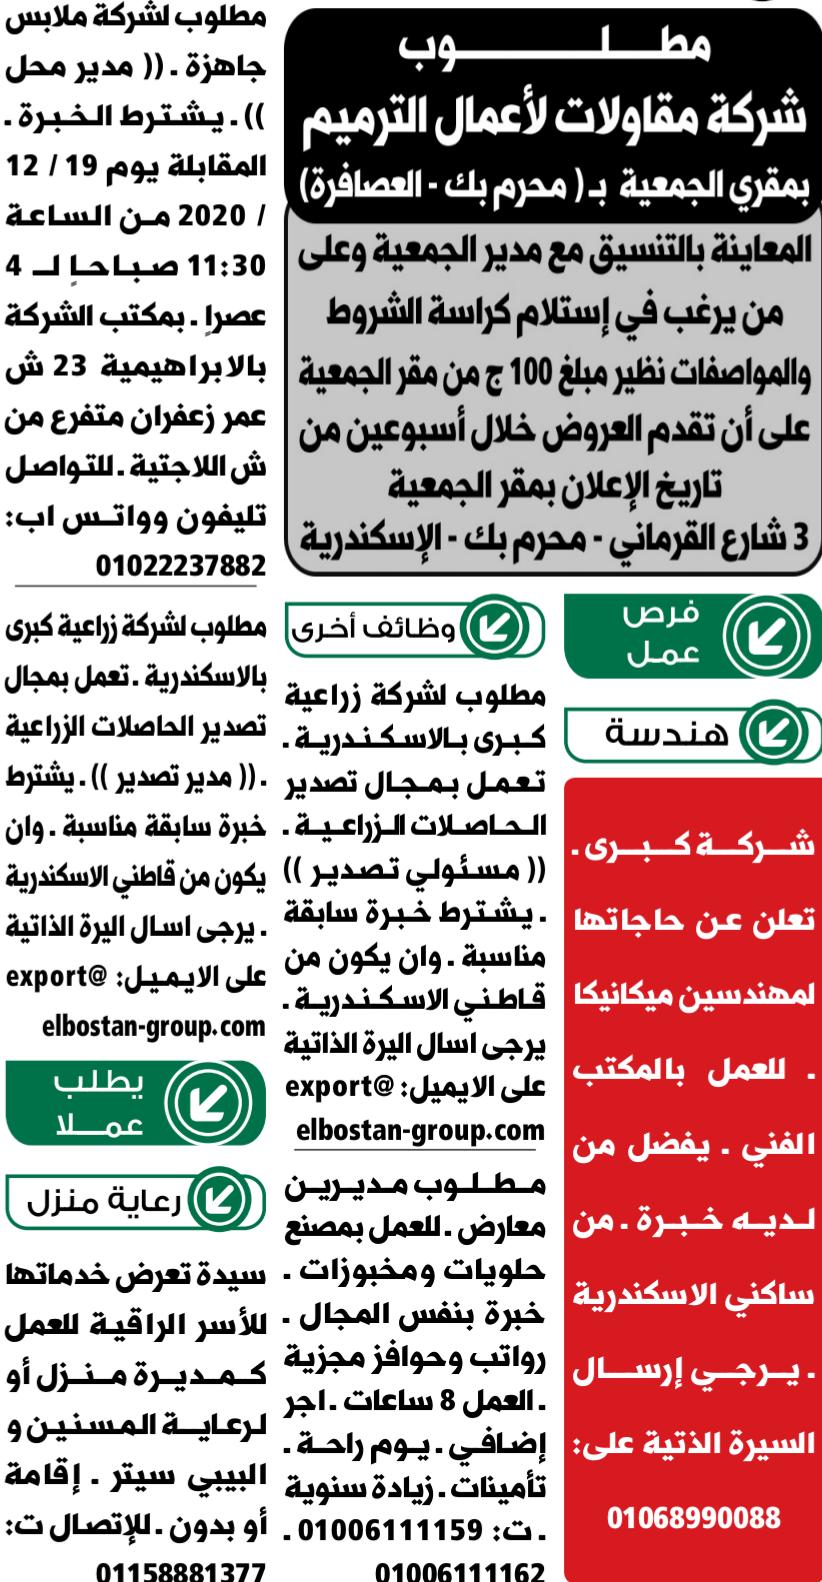 وظائف الوسيط اليوم 21/12/2020 نسخة الاسكندرية 2